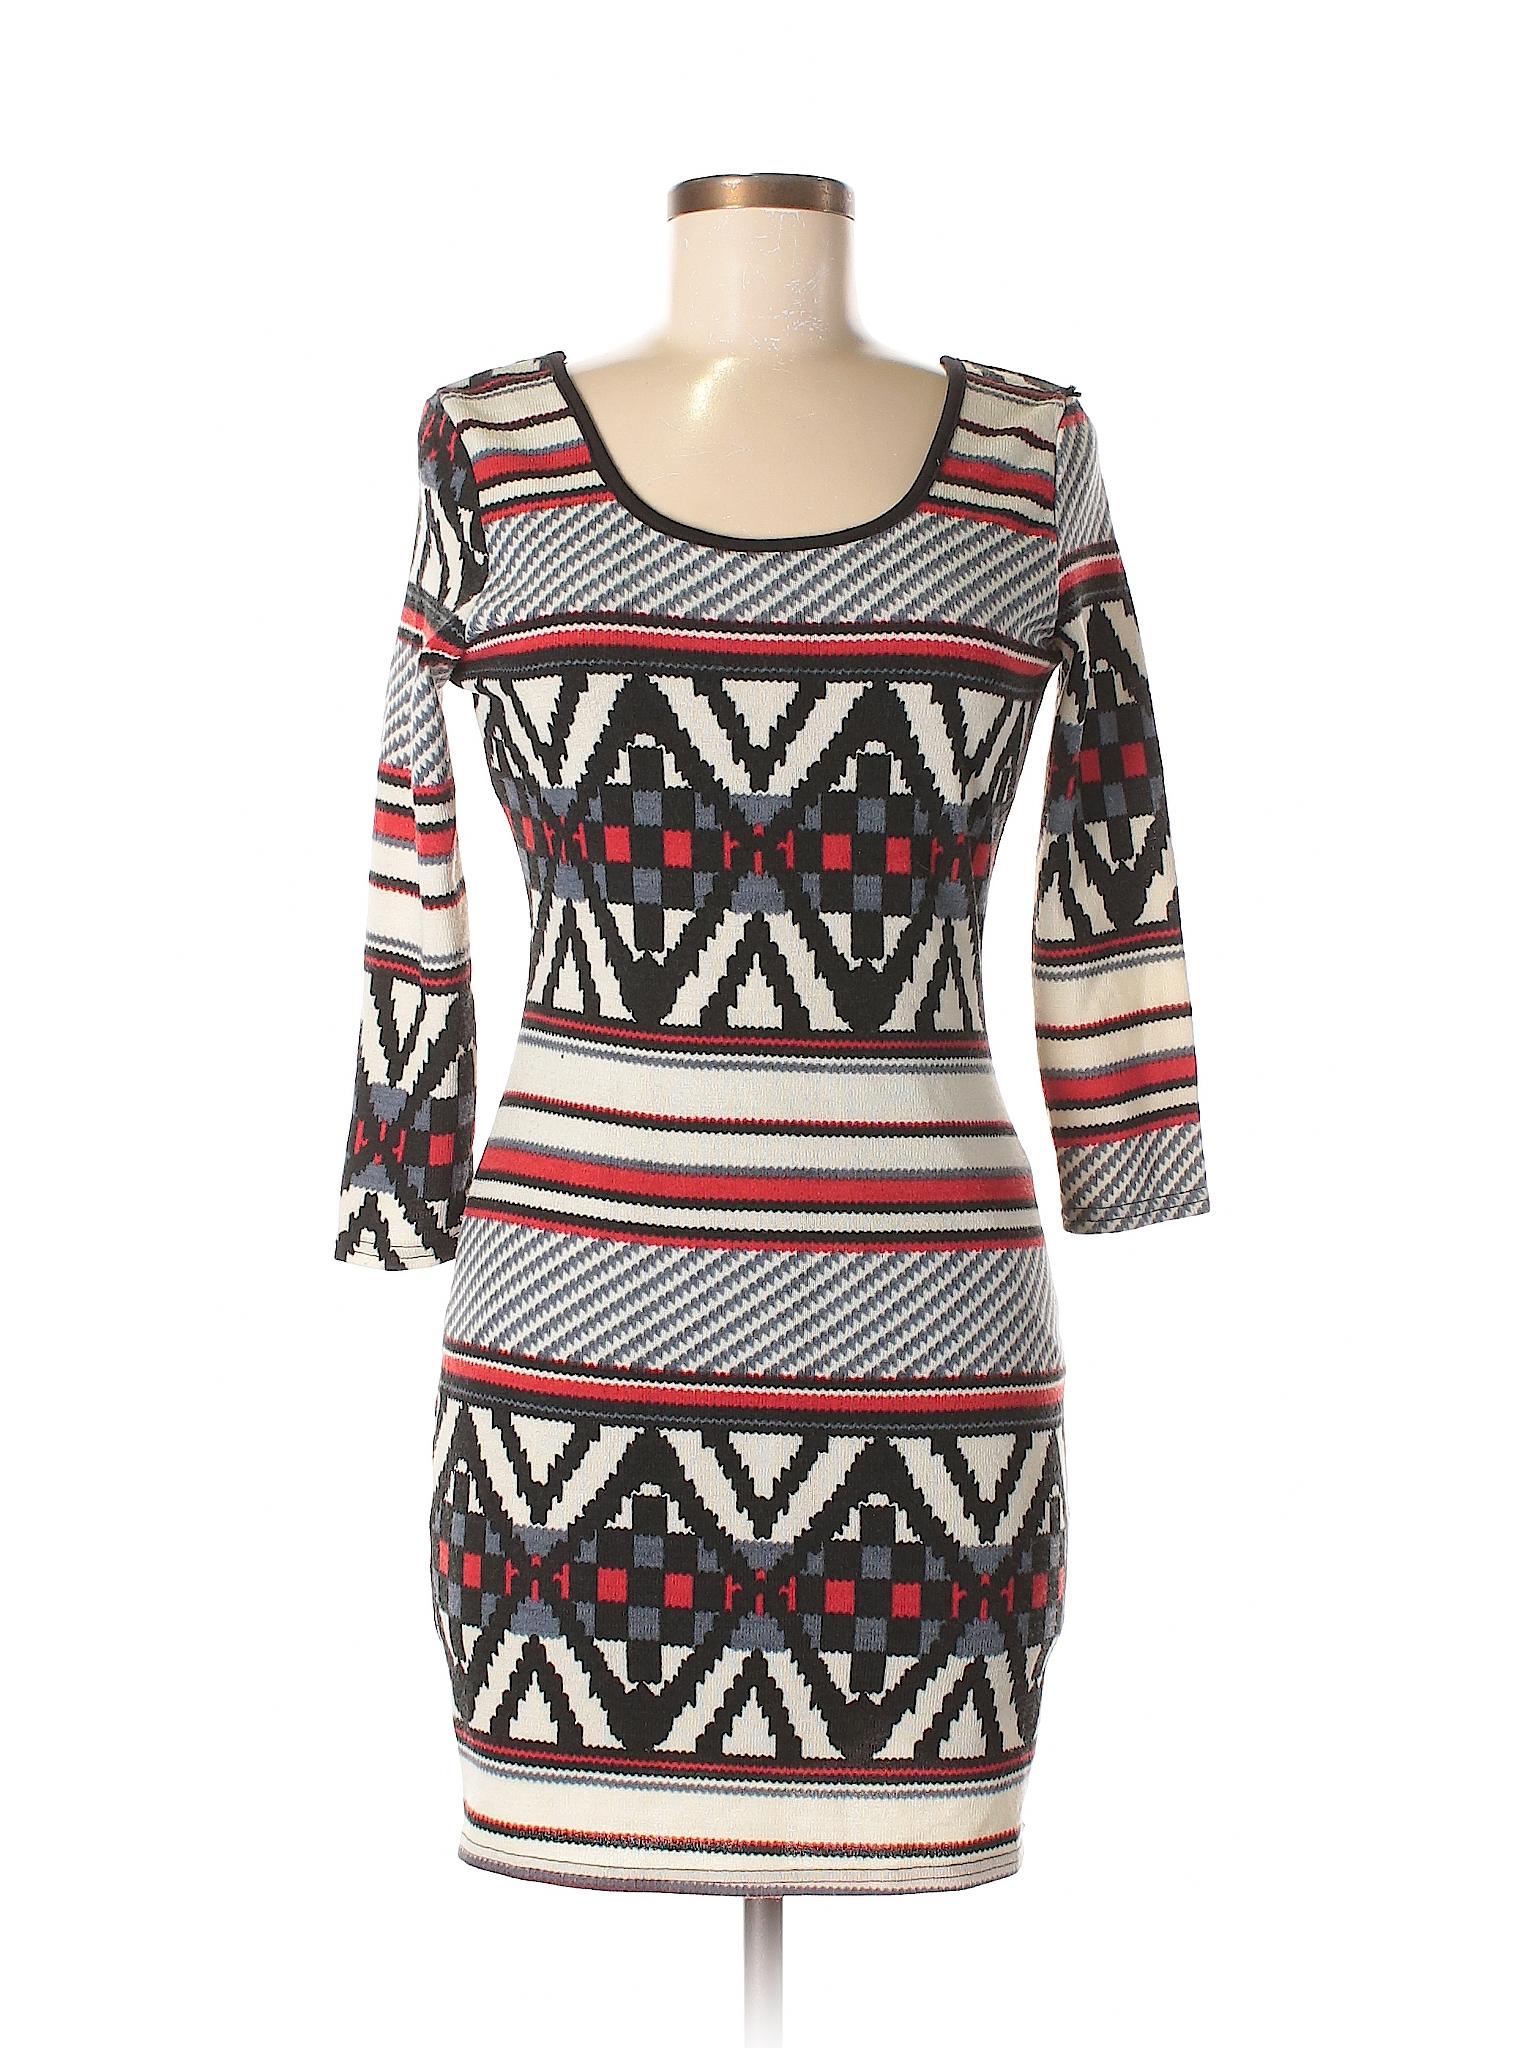 Boutique Swoon winter Dress Boutique winter Casual Dress winter Boutique Swoon Casual w6BwrR